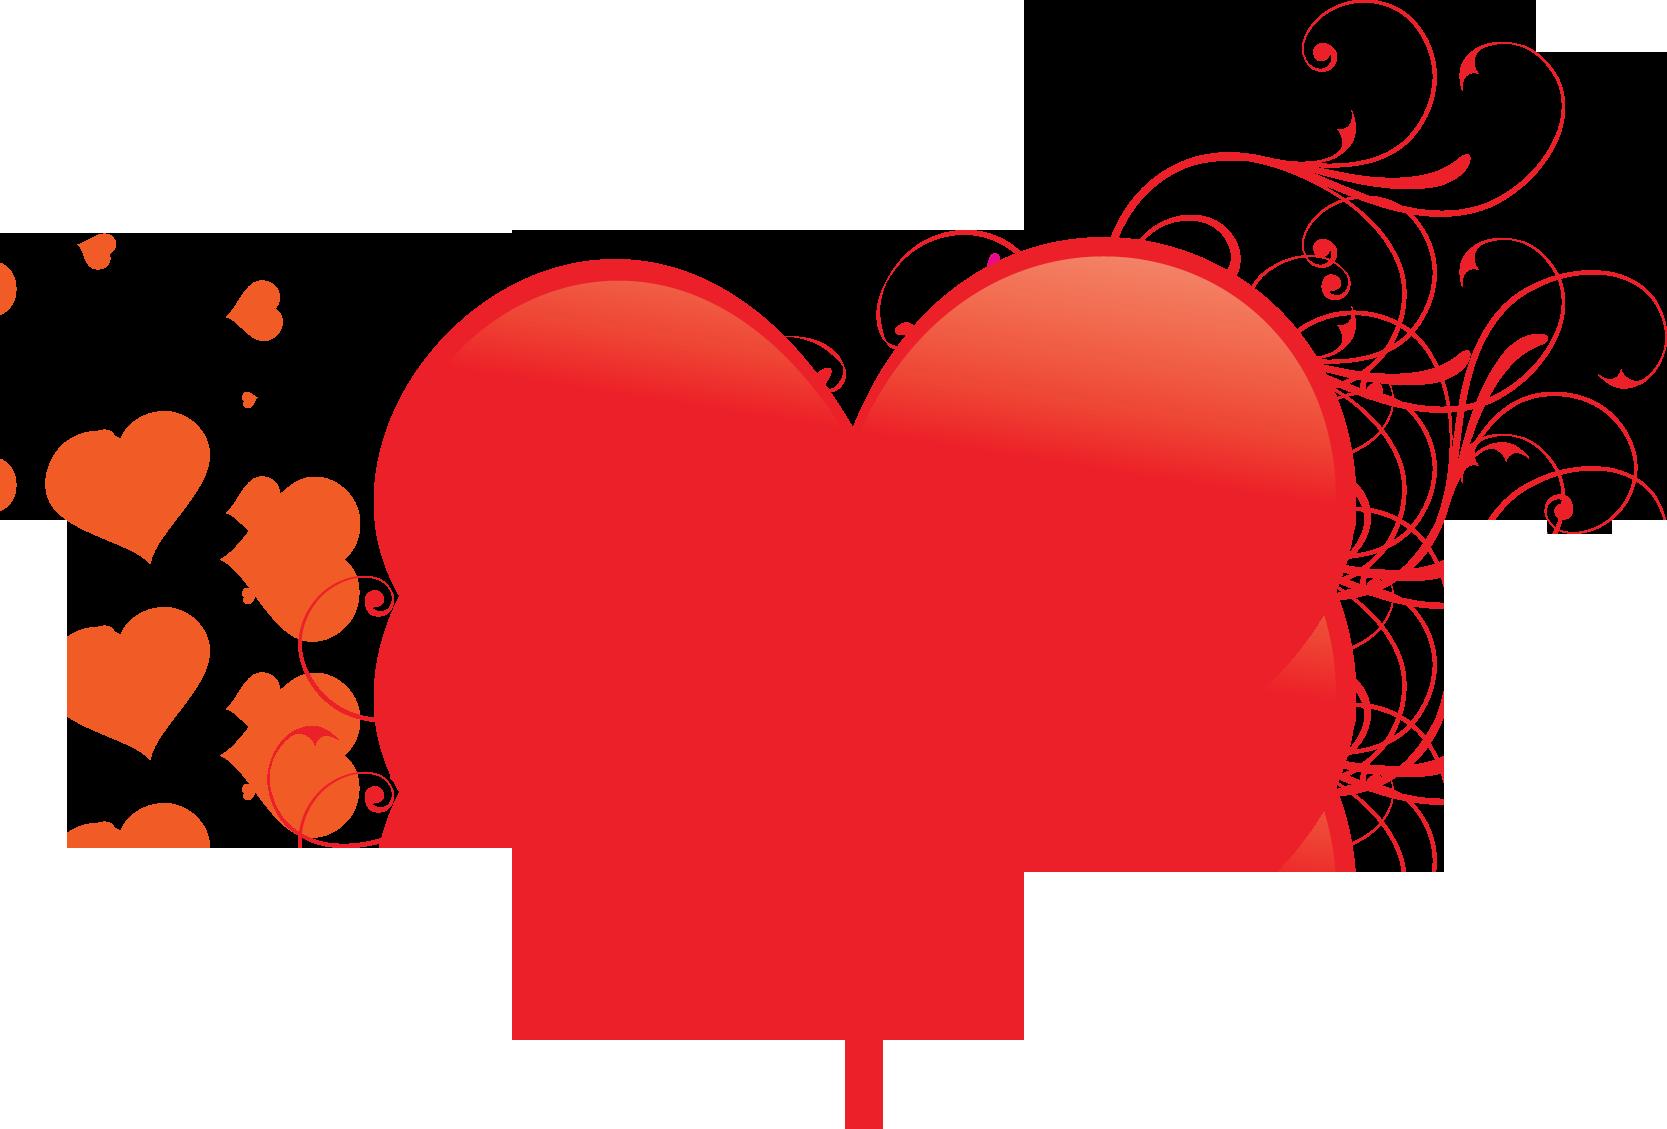 картинки сердечки самые красивые на прозрачном фоне многие украшают дома